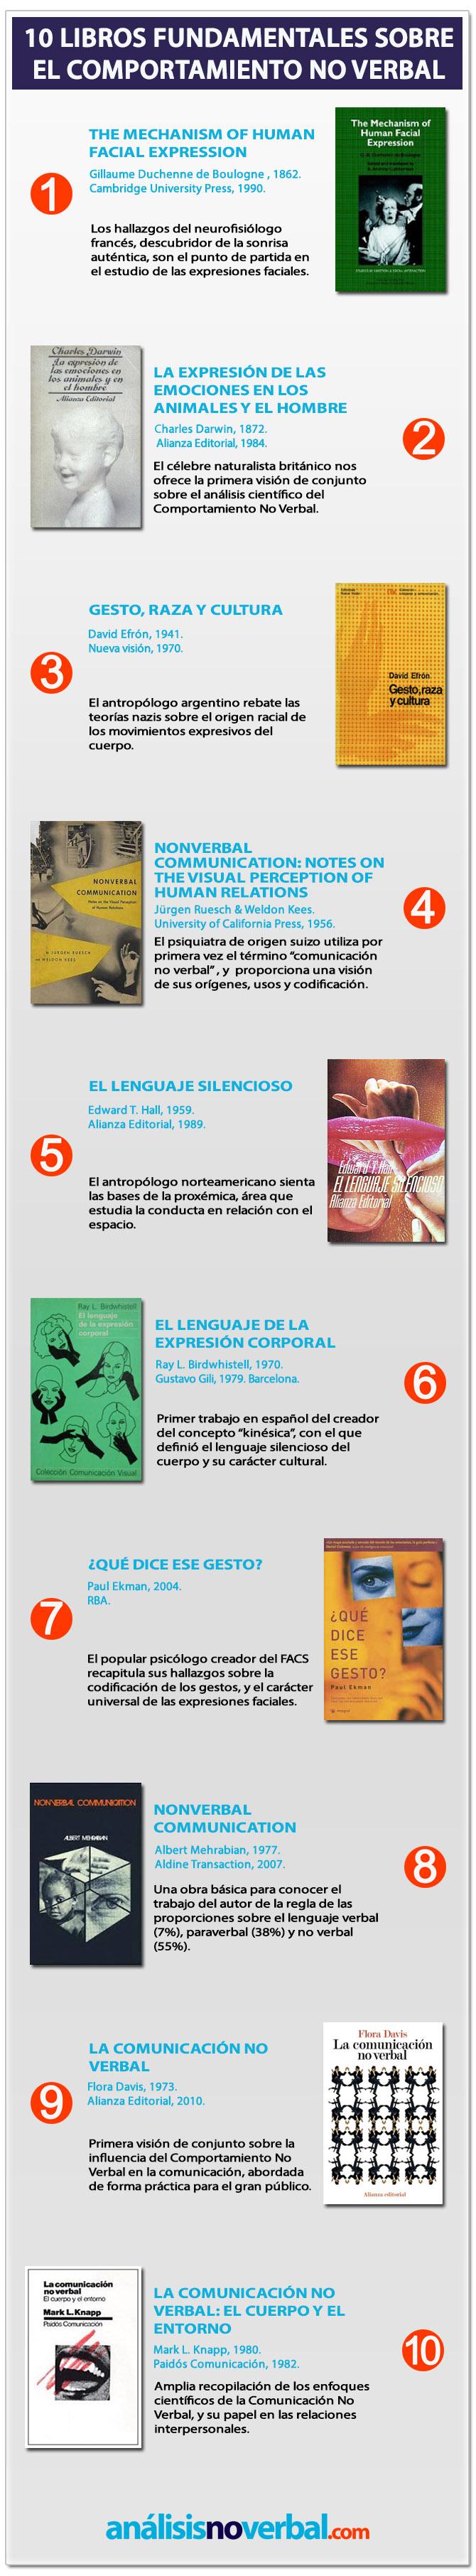 Infografía: 10 libros fundamentales sobre comportamiento no verbal